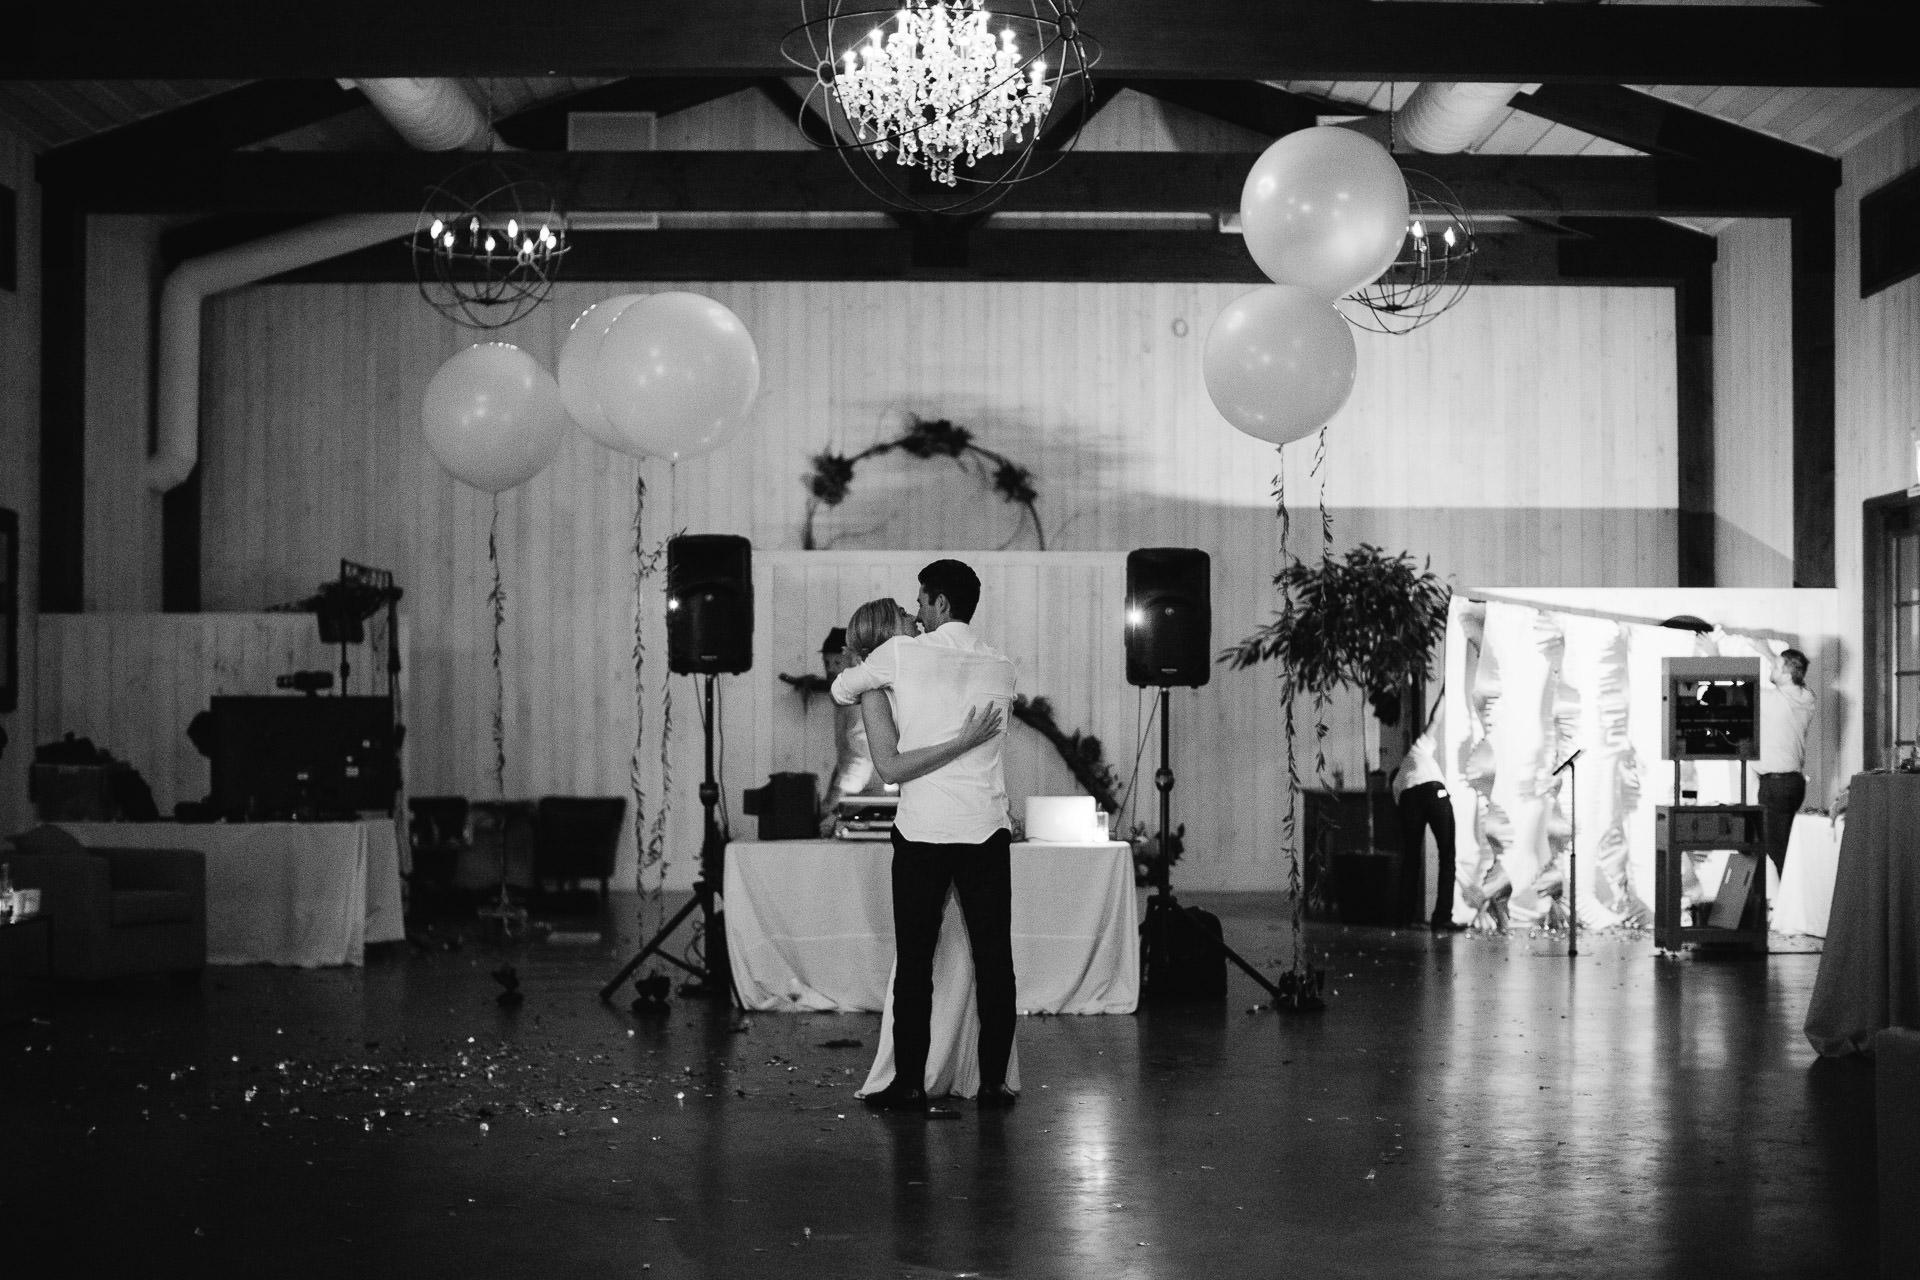 lauren_graham_wedding_california_park_winters_jeanlaurentgaudy_106